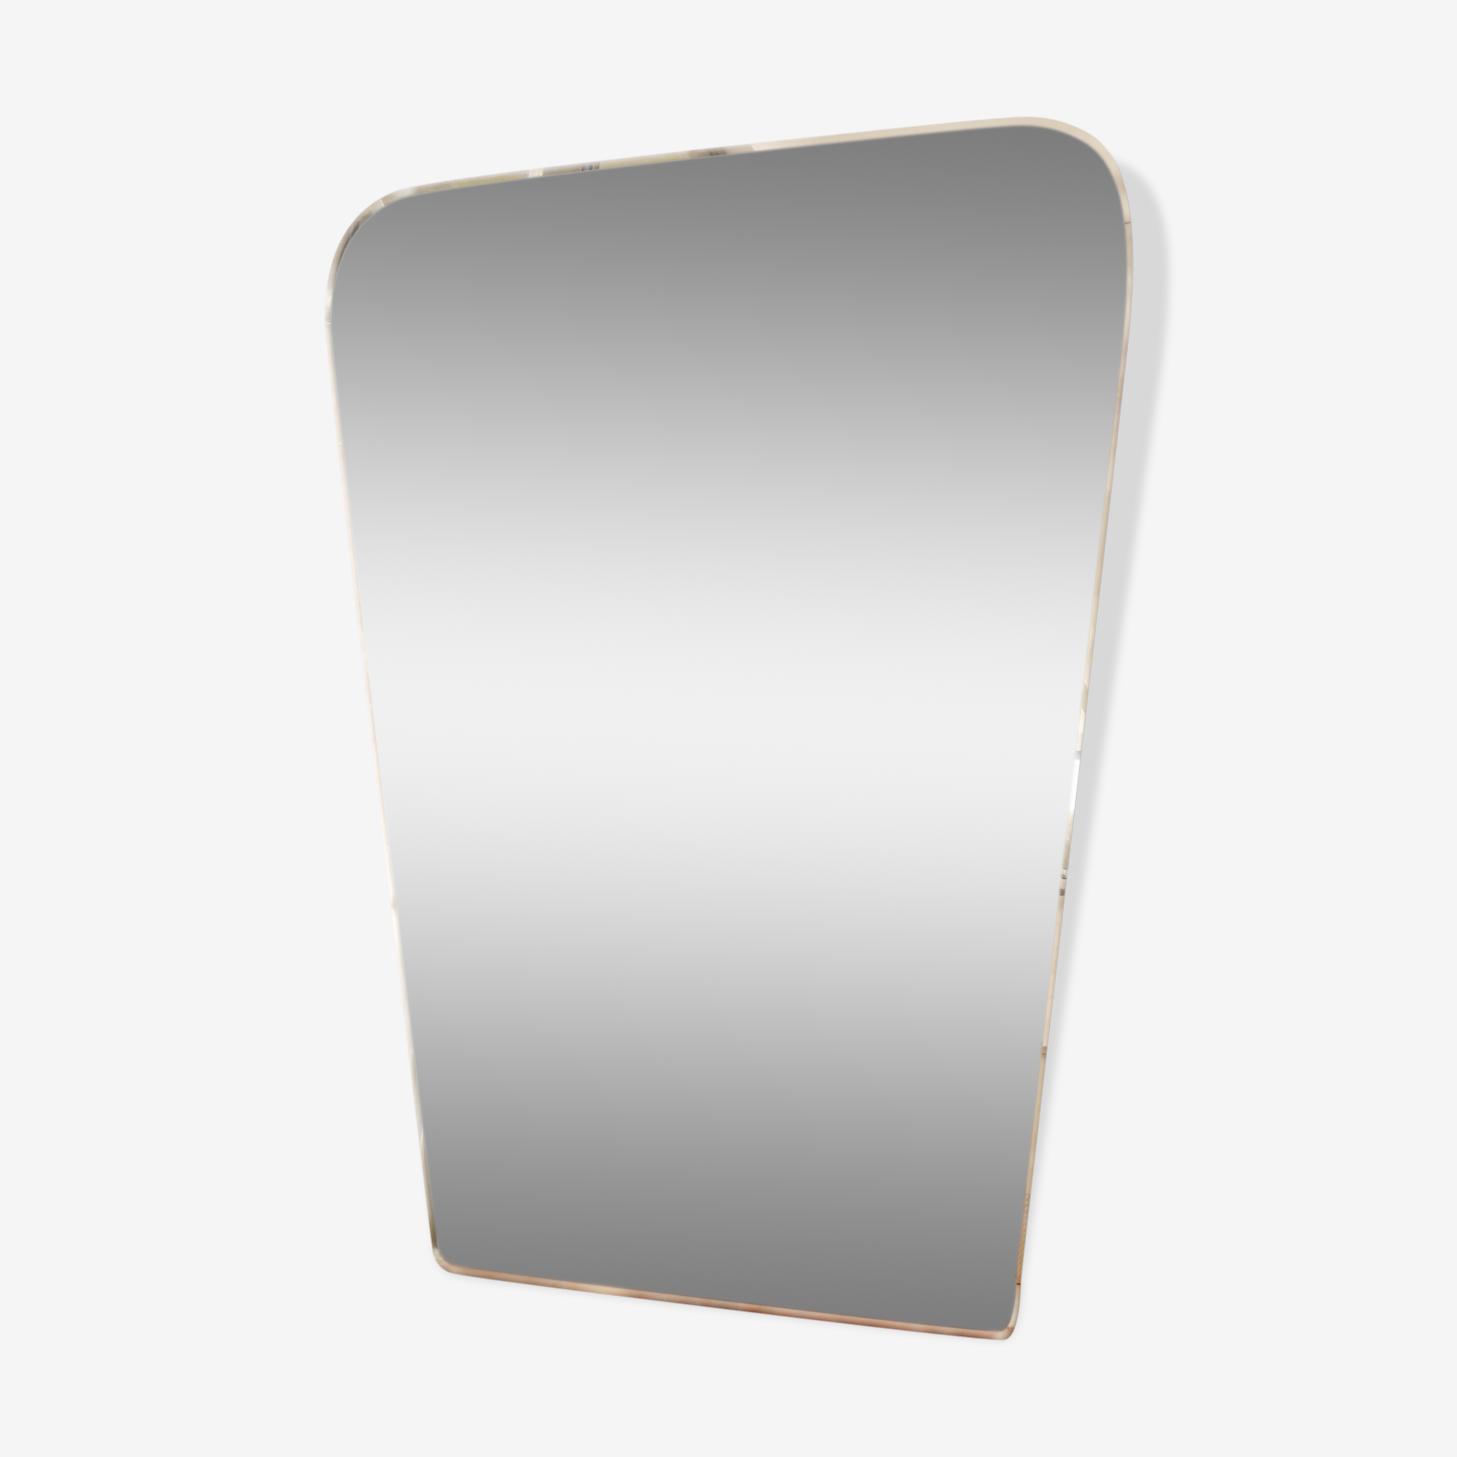 Miroir rétroviseur 53x70cm